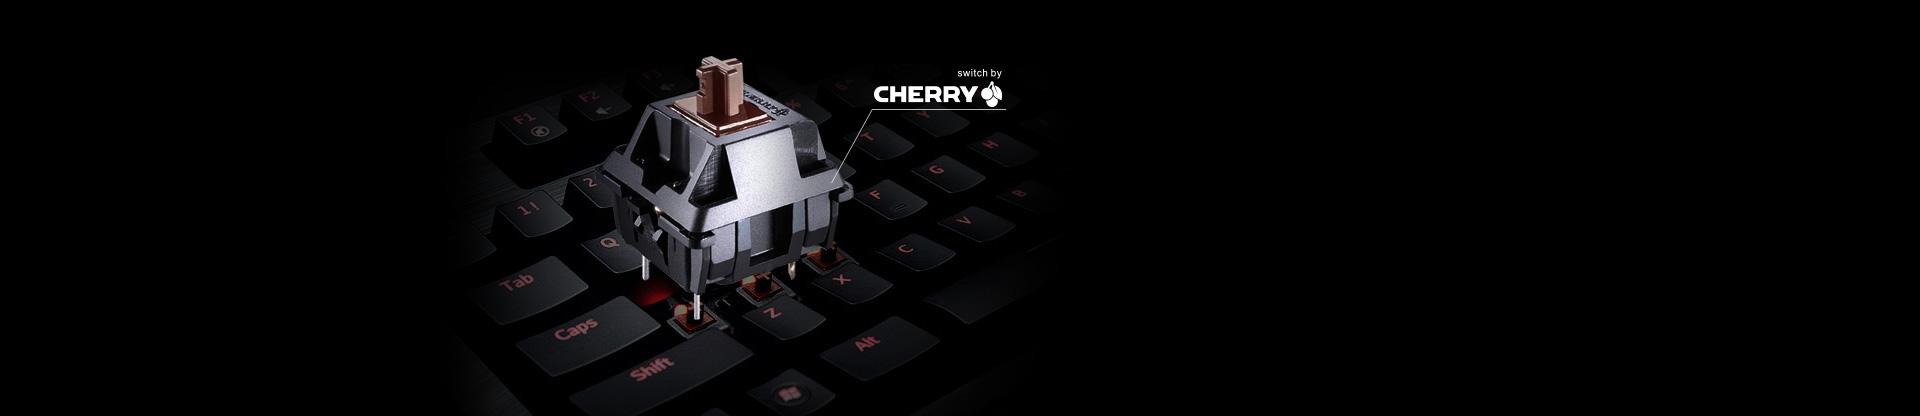 GT80_Titan_SLI_keyboard